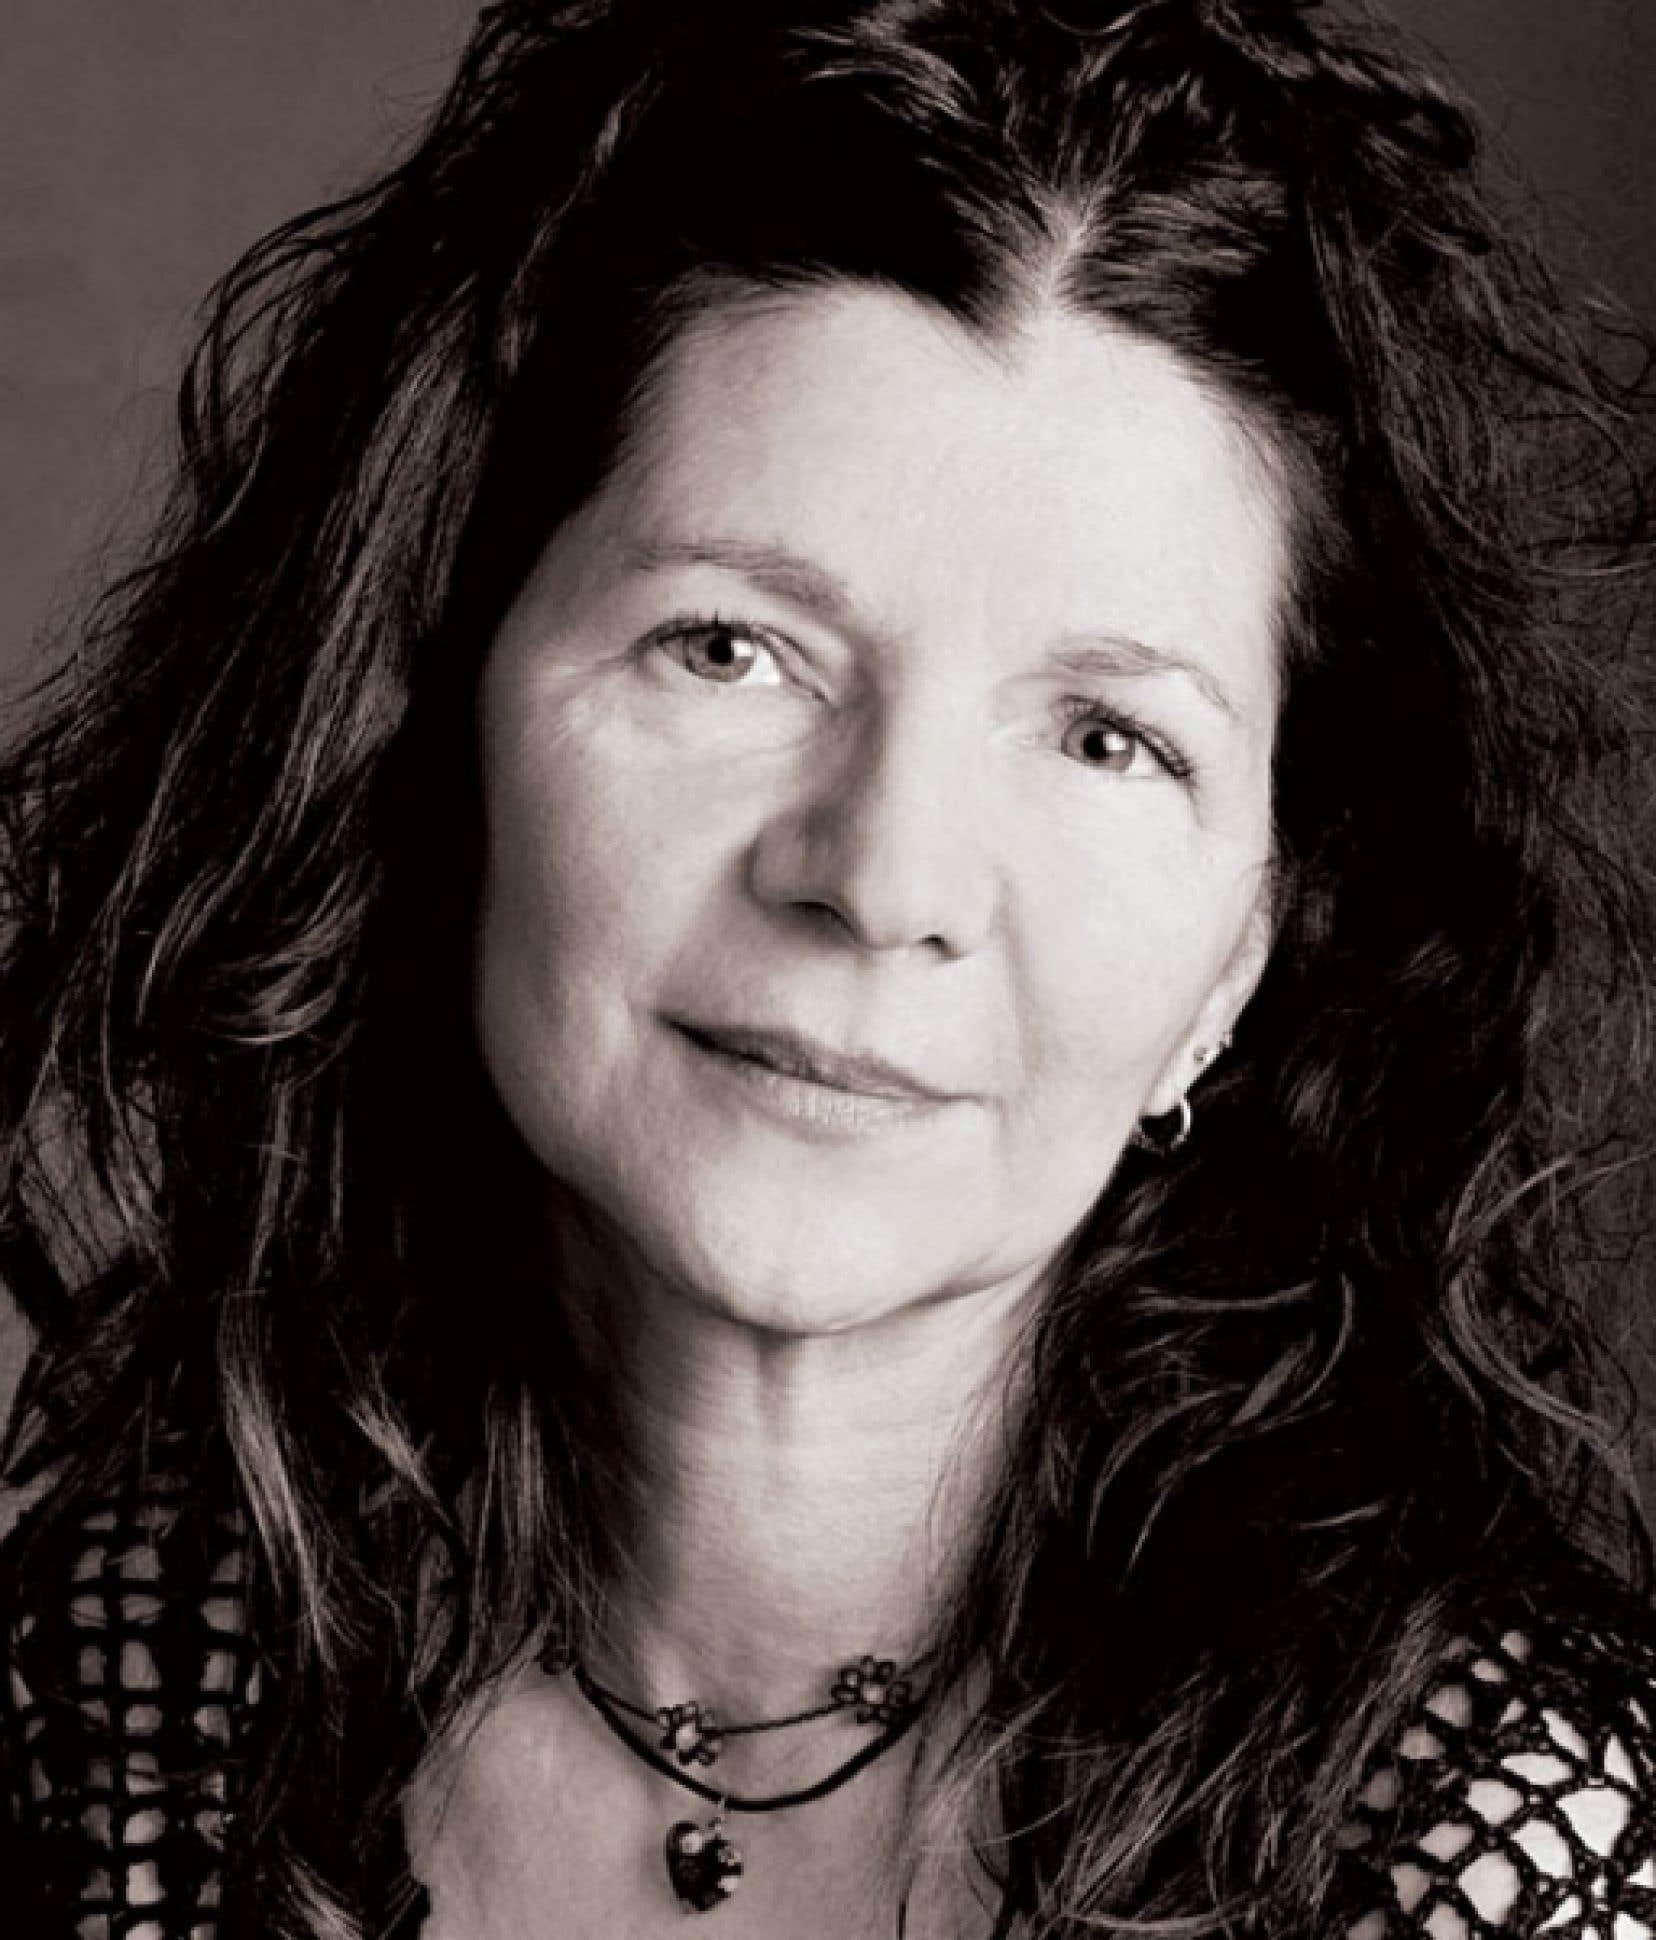 Lyne Richard insuffle au texte de son roman Ne dites pas à ma mère que je suis vivant une force poétique et visuelle qui rend hommage à la beauté.